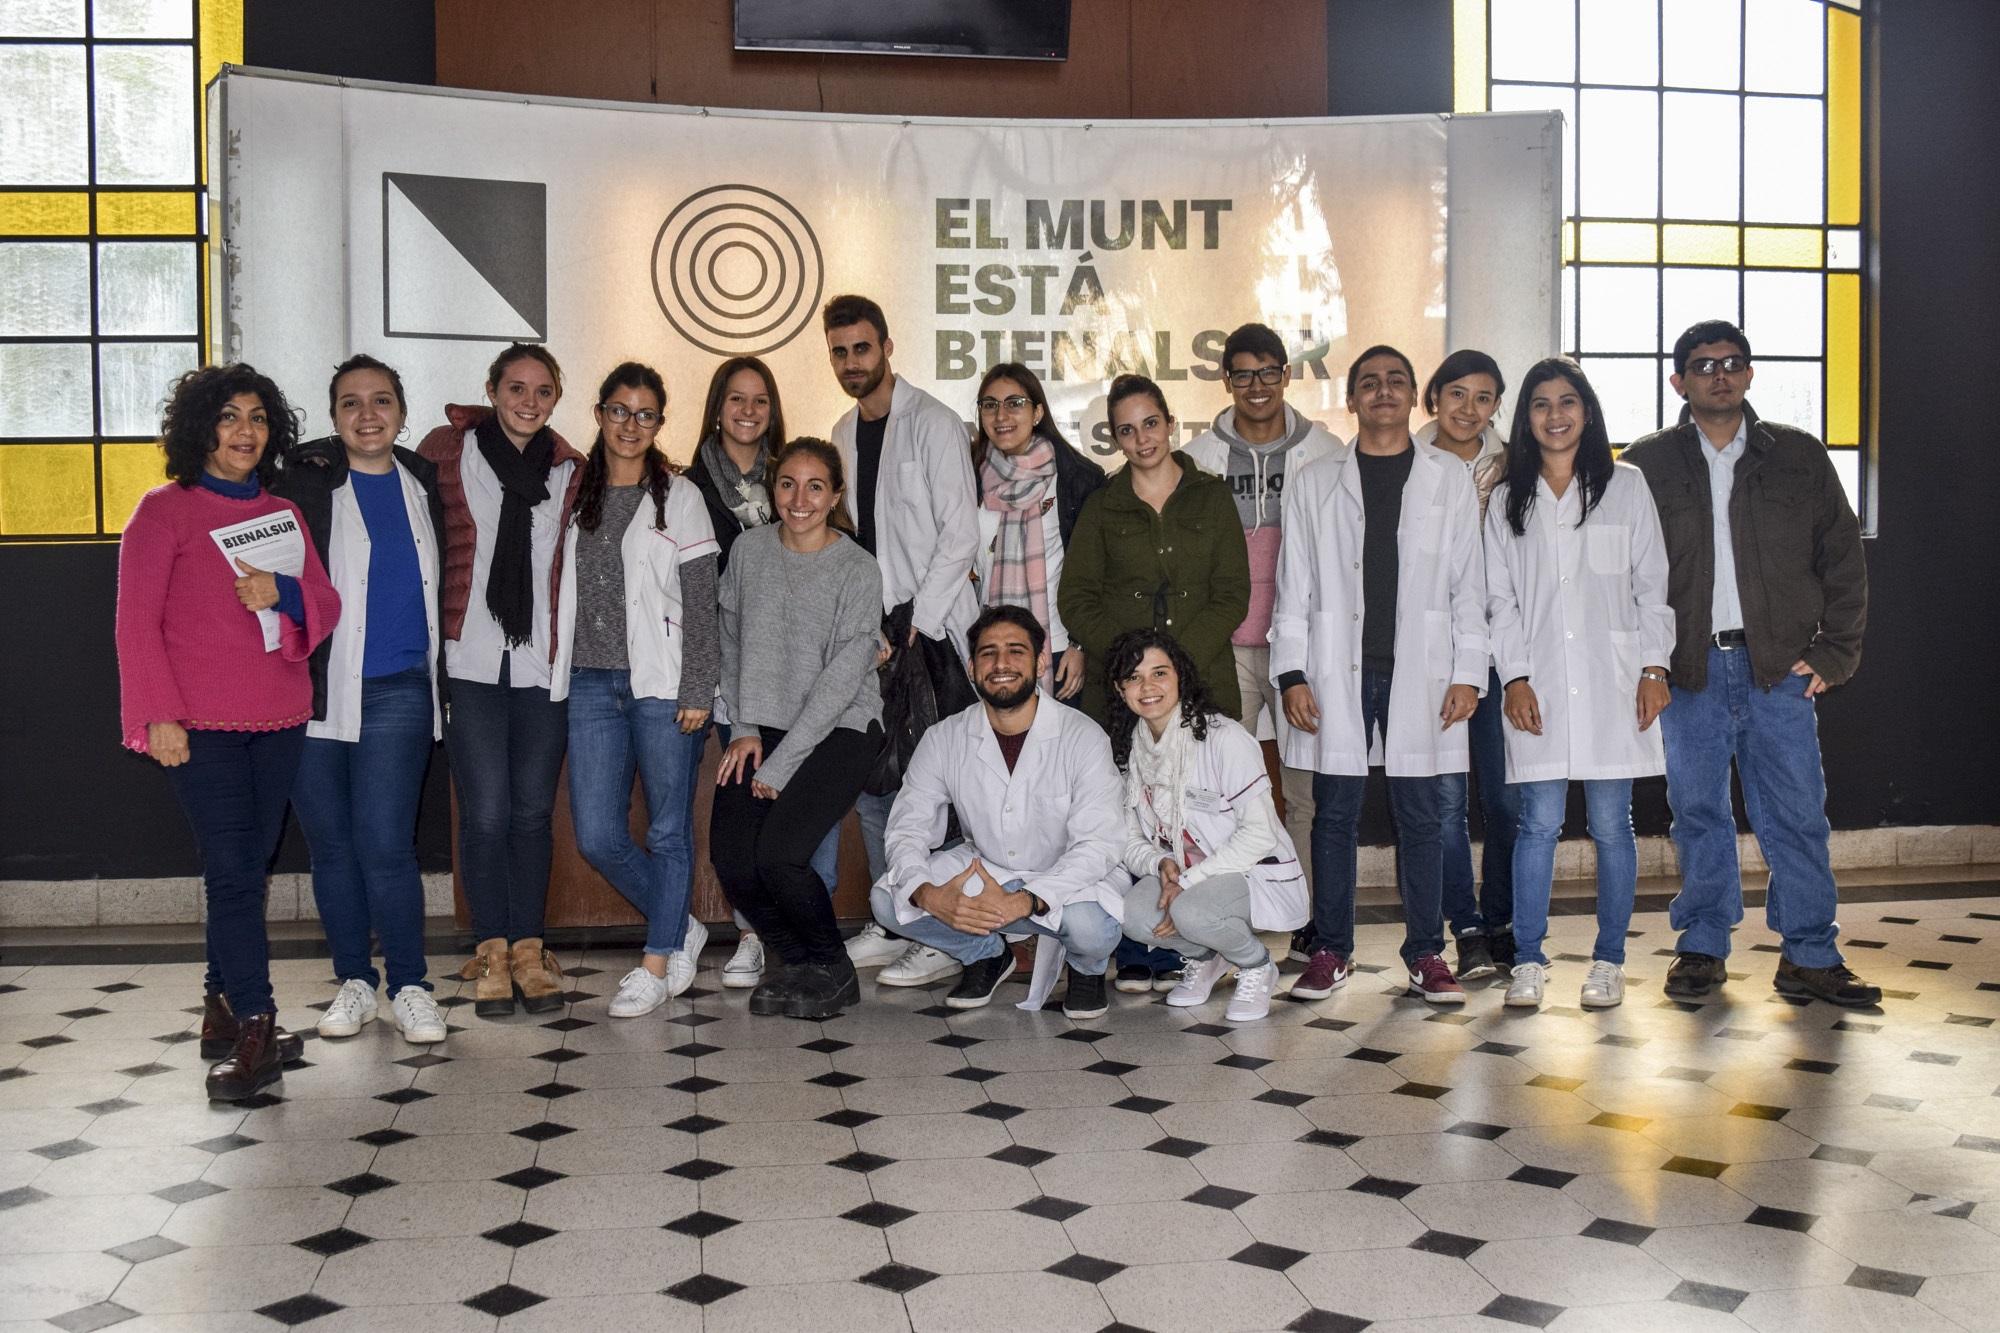 001-Visita-6-Medicina-28-05-2019-web